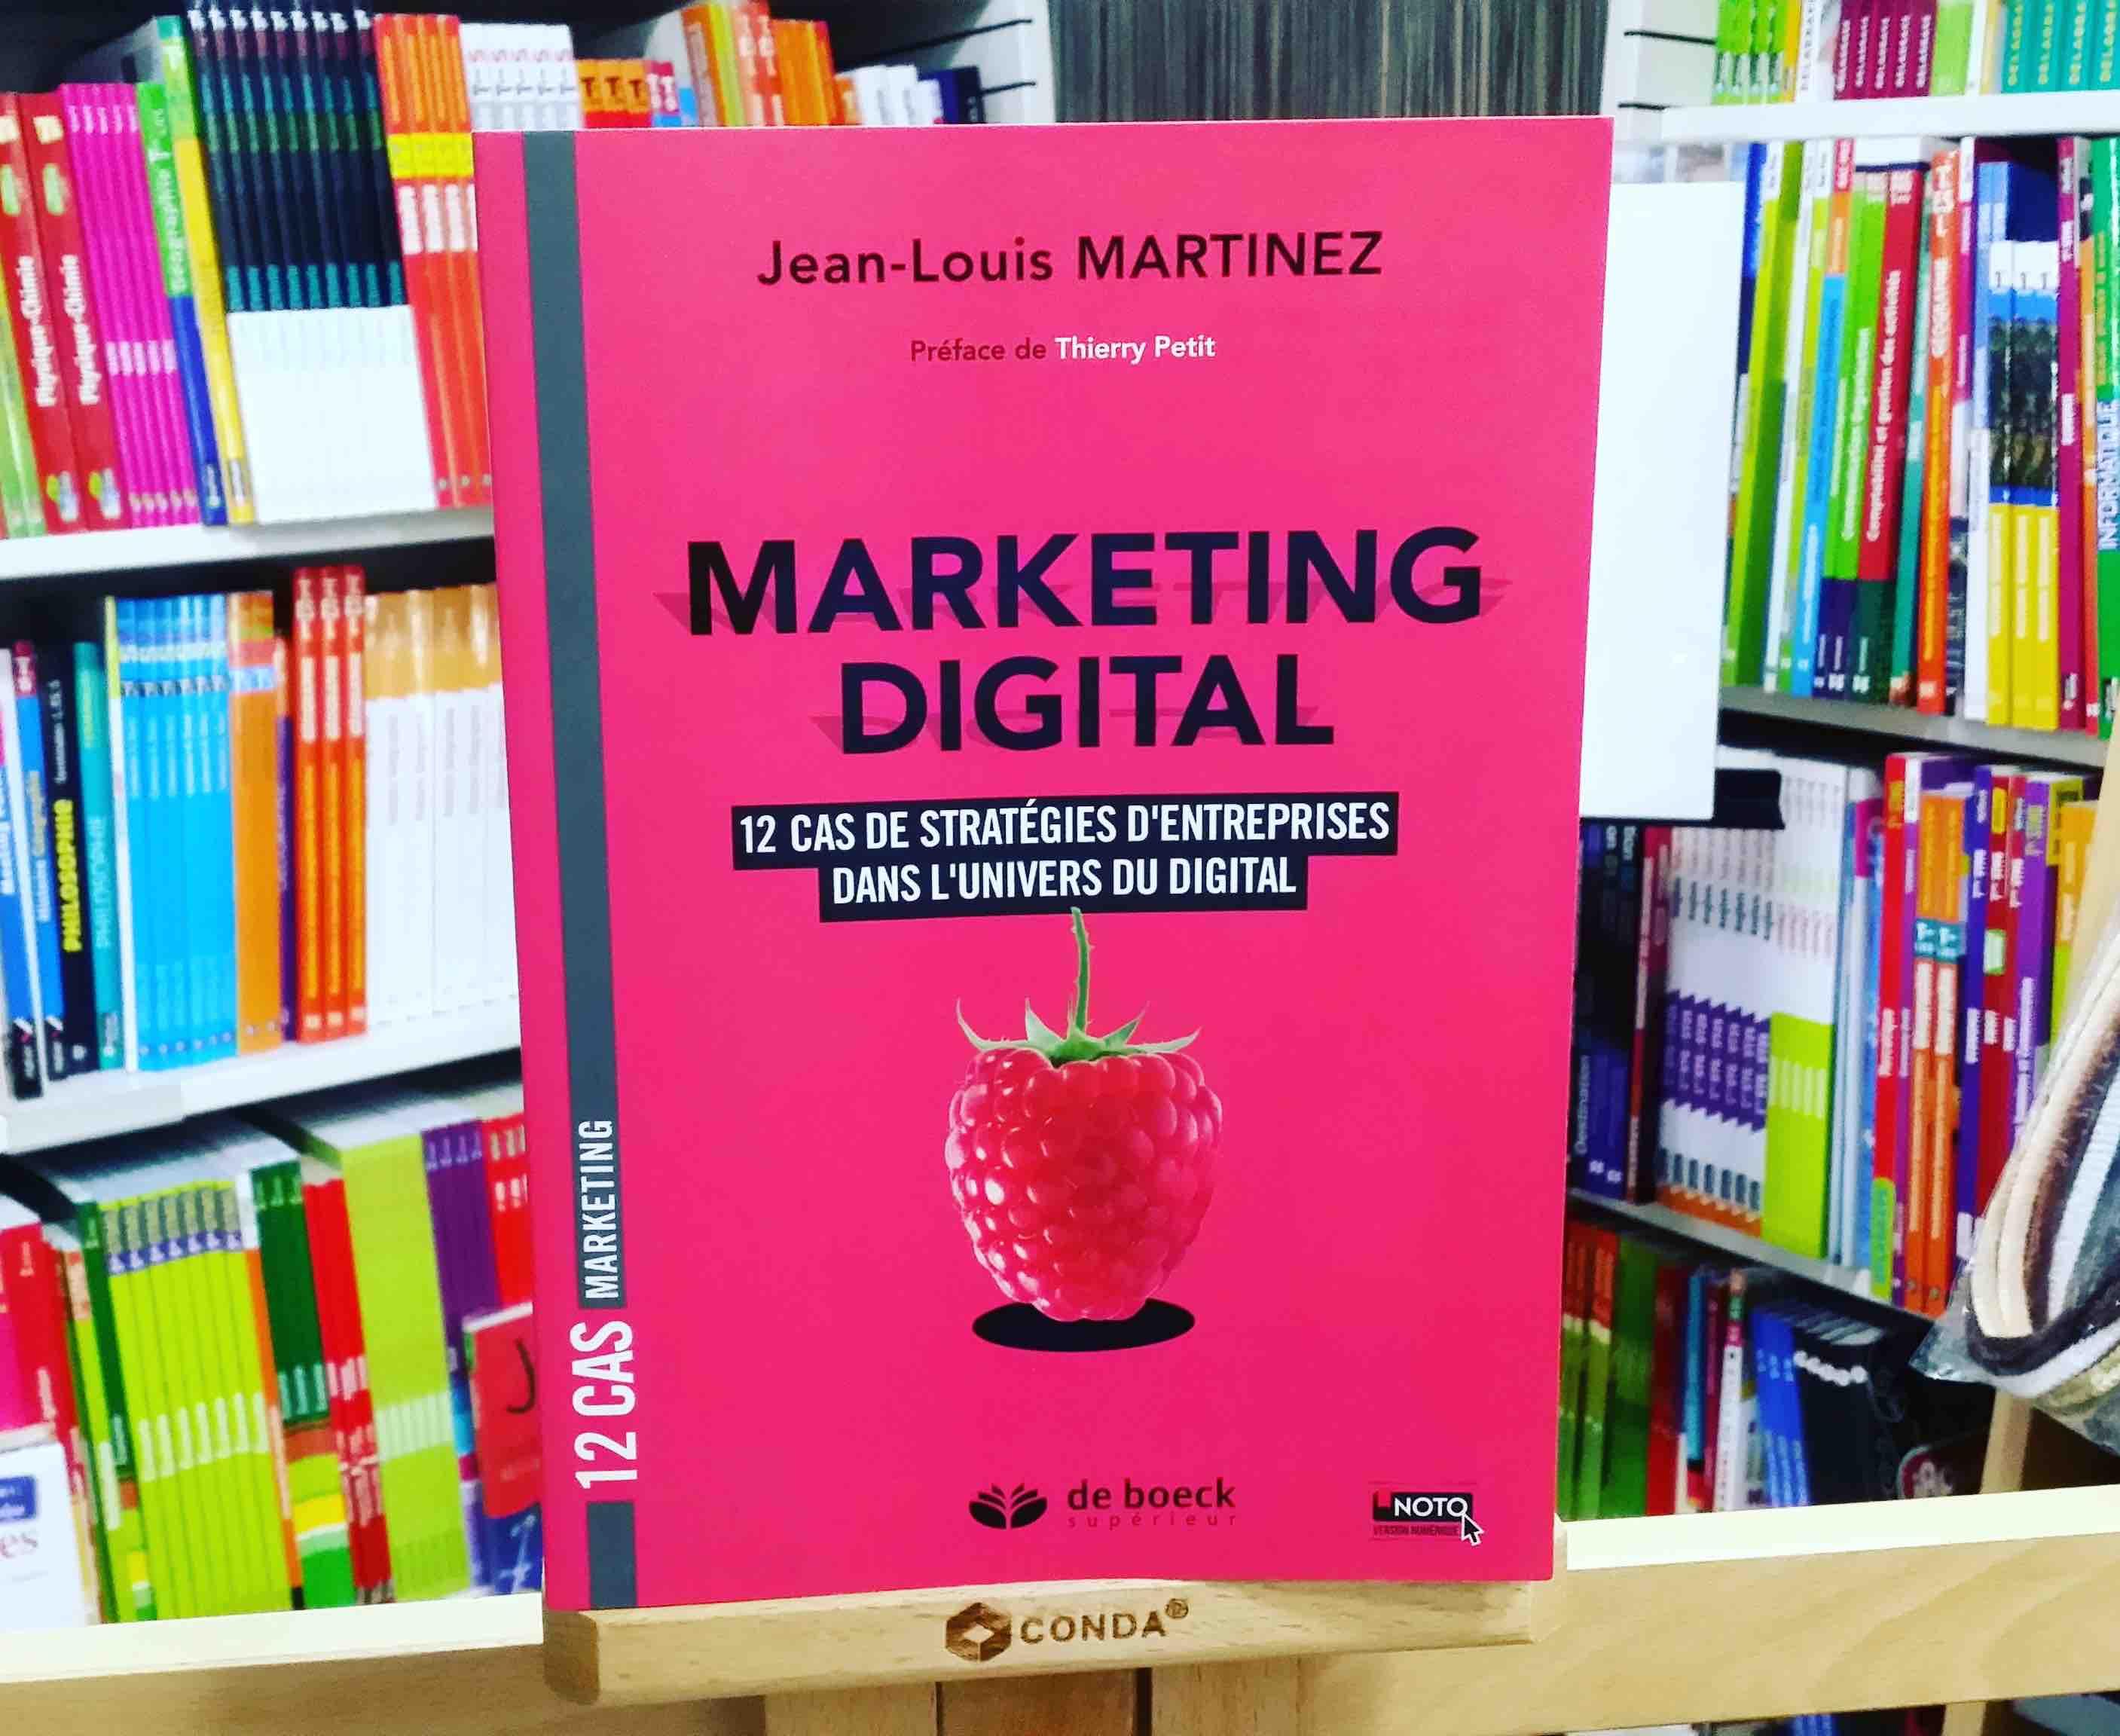 Marketing Digital : 12 cas de stratégies d'entreprises dans l'univers du digital